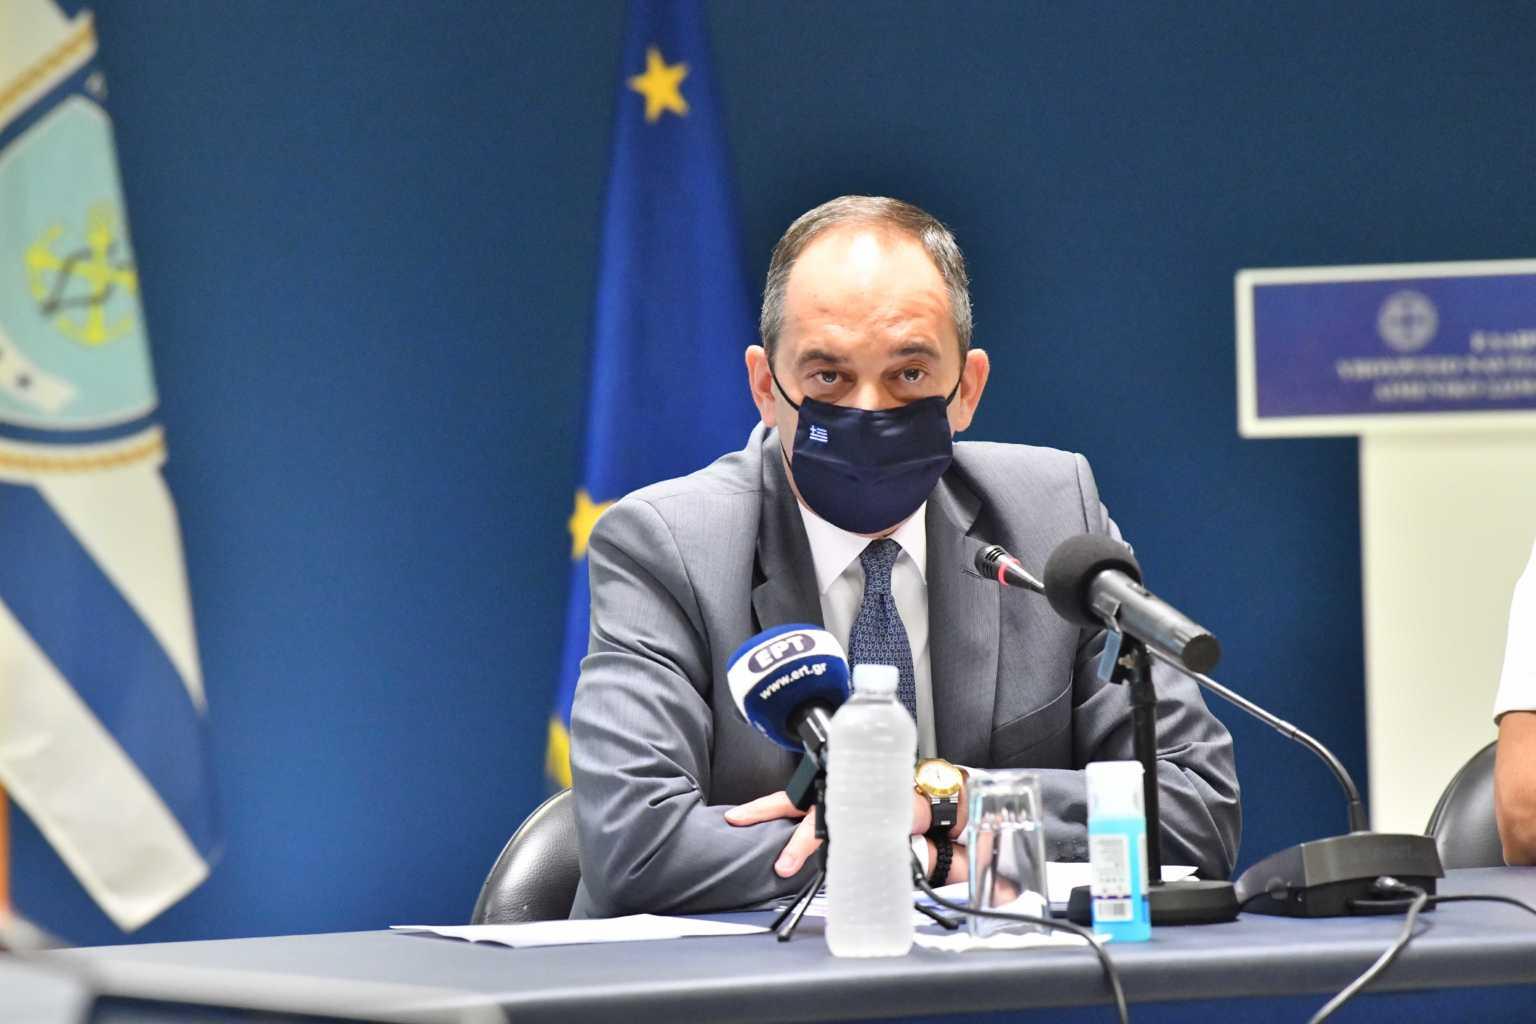 Κορονοϊός: Παραμένει εμπύρετος ο Γιάννης Πλακιωτάκης